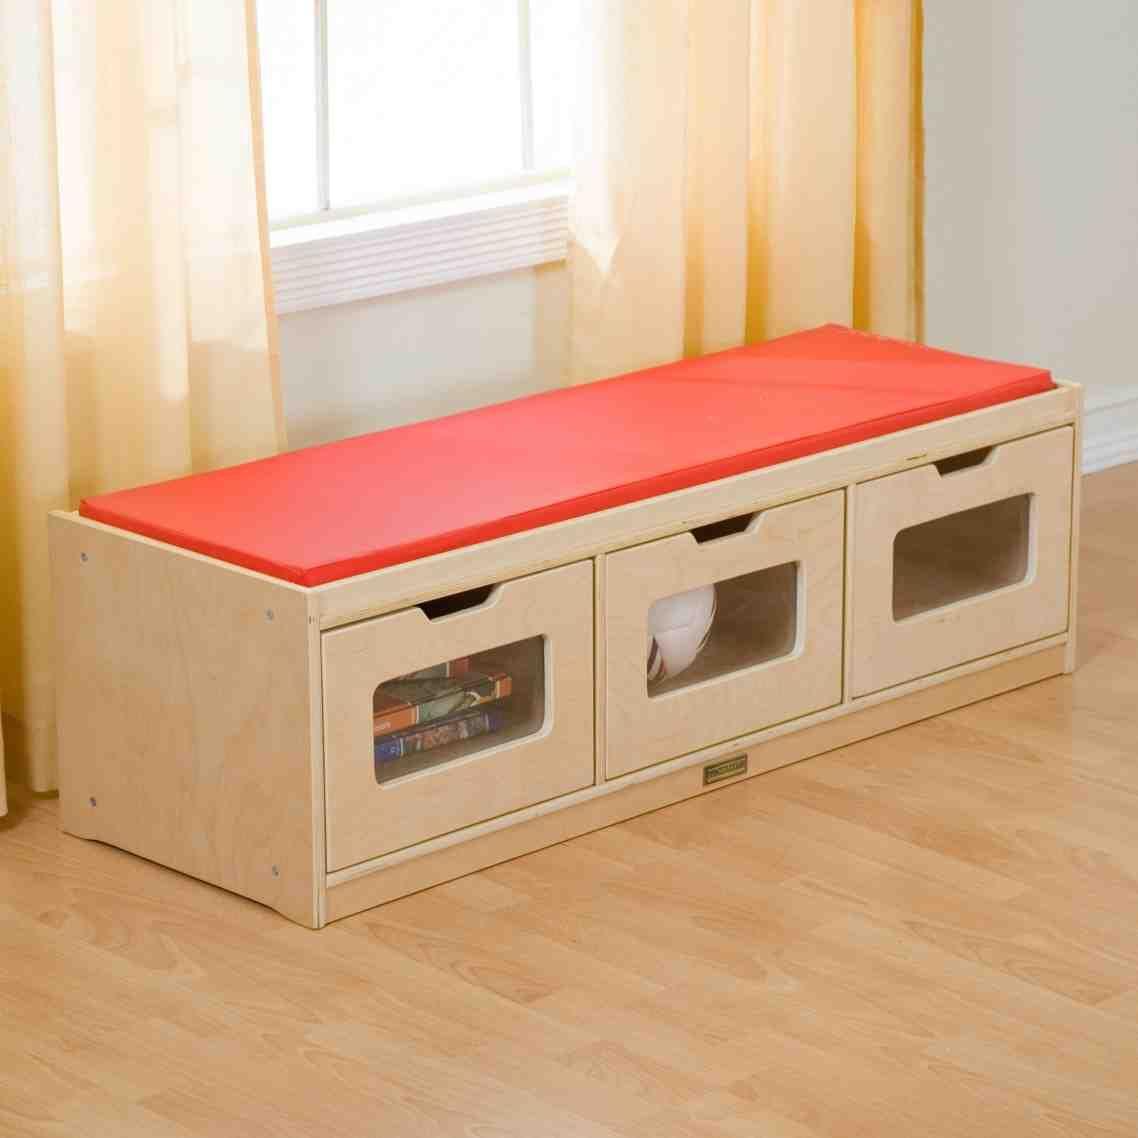 Ideal Storage Bench Cushion Storage Bench Cushion Better Storage Bench Cushion Storage Bench Cushion Malaysia Cushion Diy Storage Bench